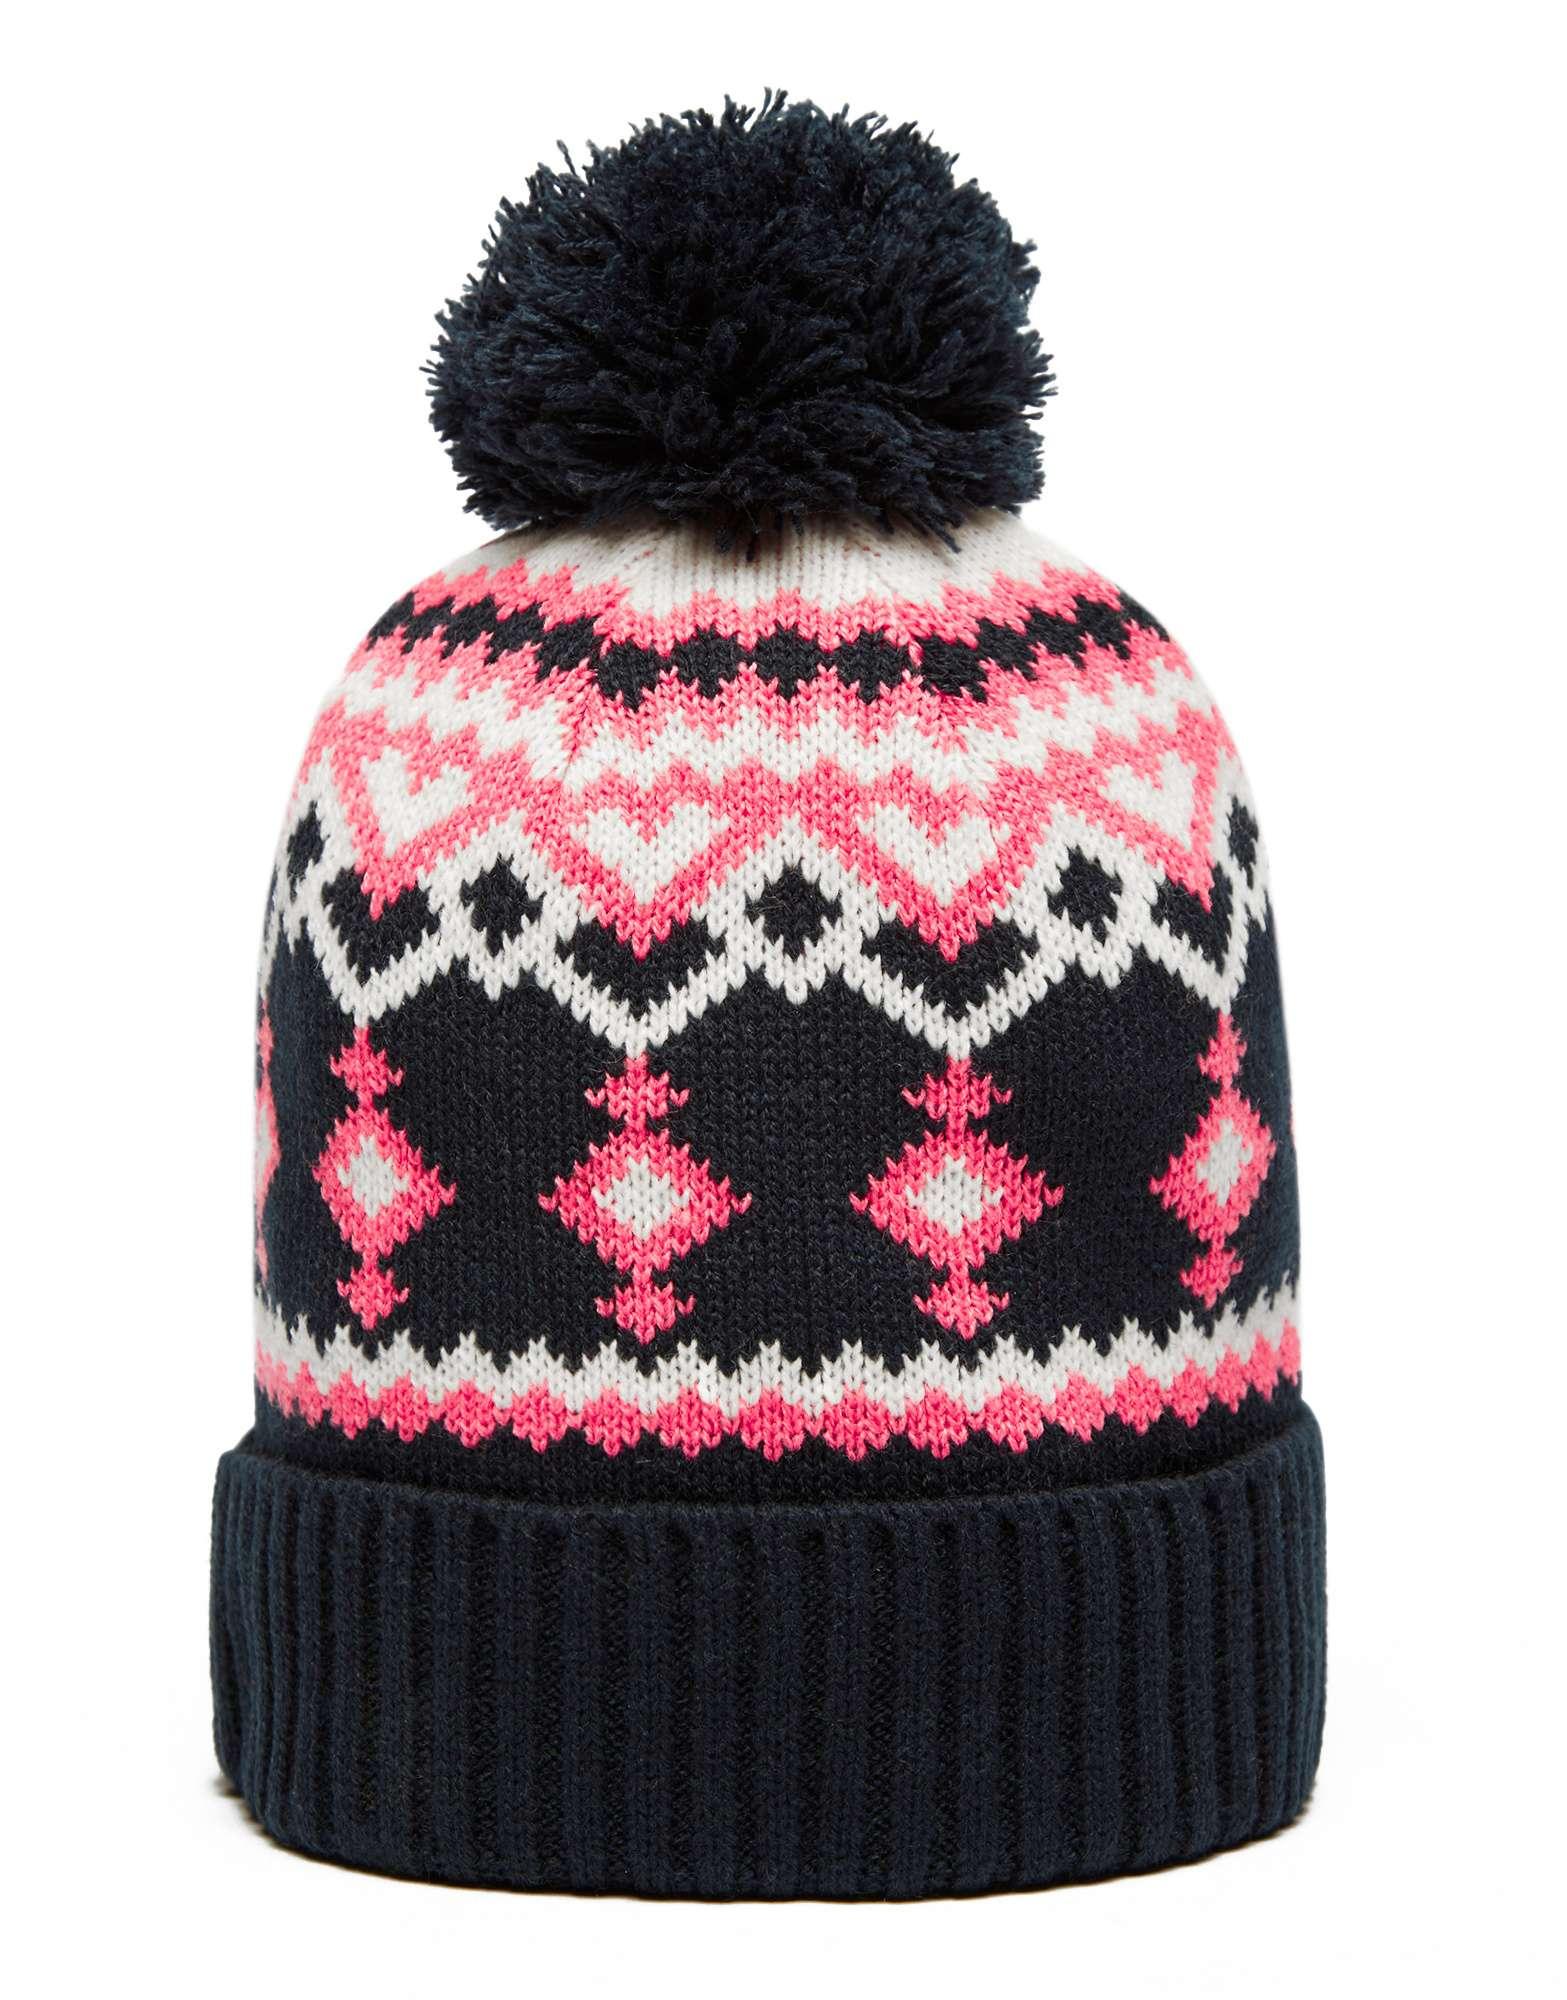 Brookhaven Jones Bobble Hat